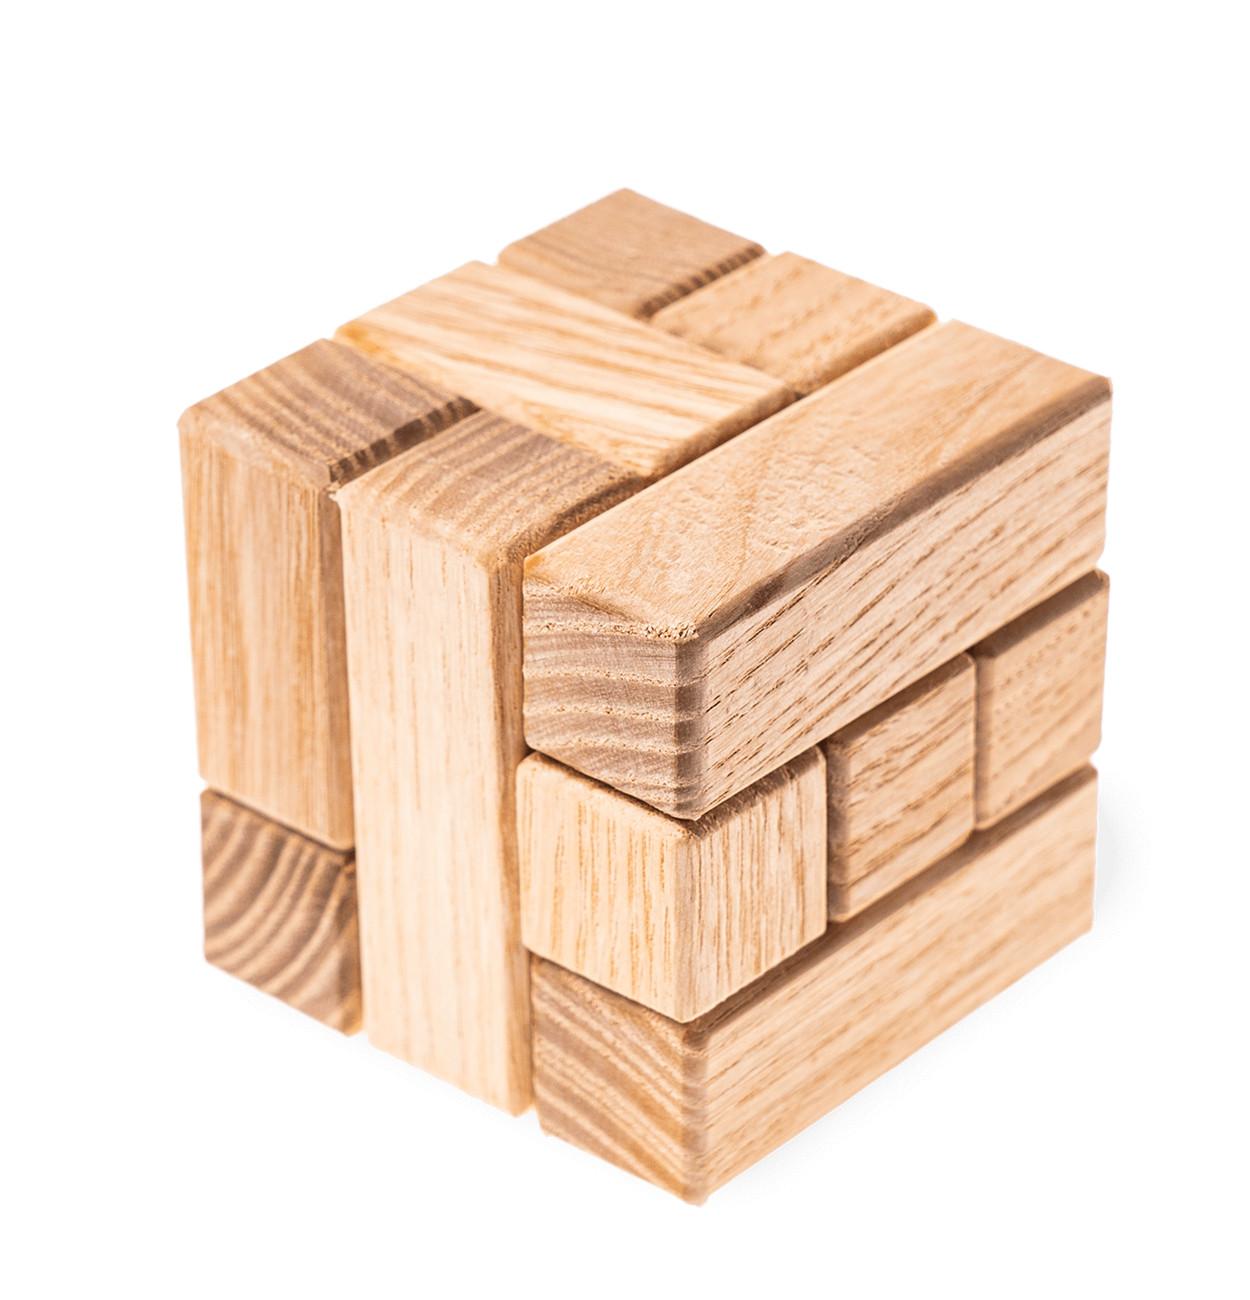 IQ PUZZLE Wooden Кубик 3х3